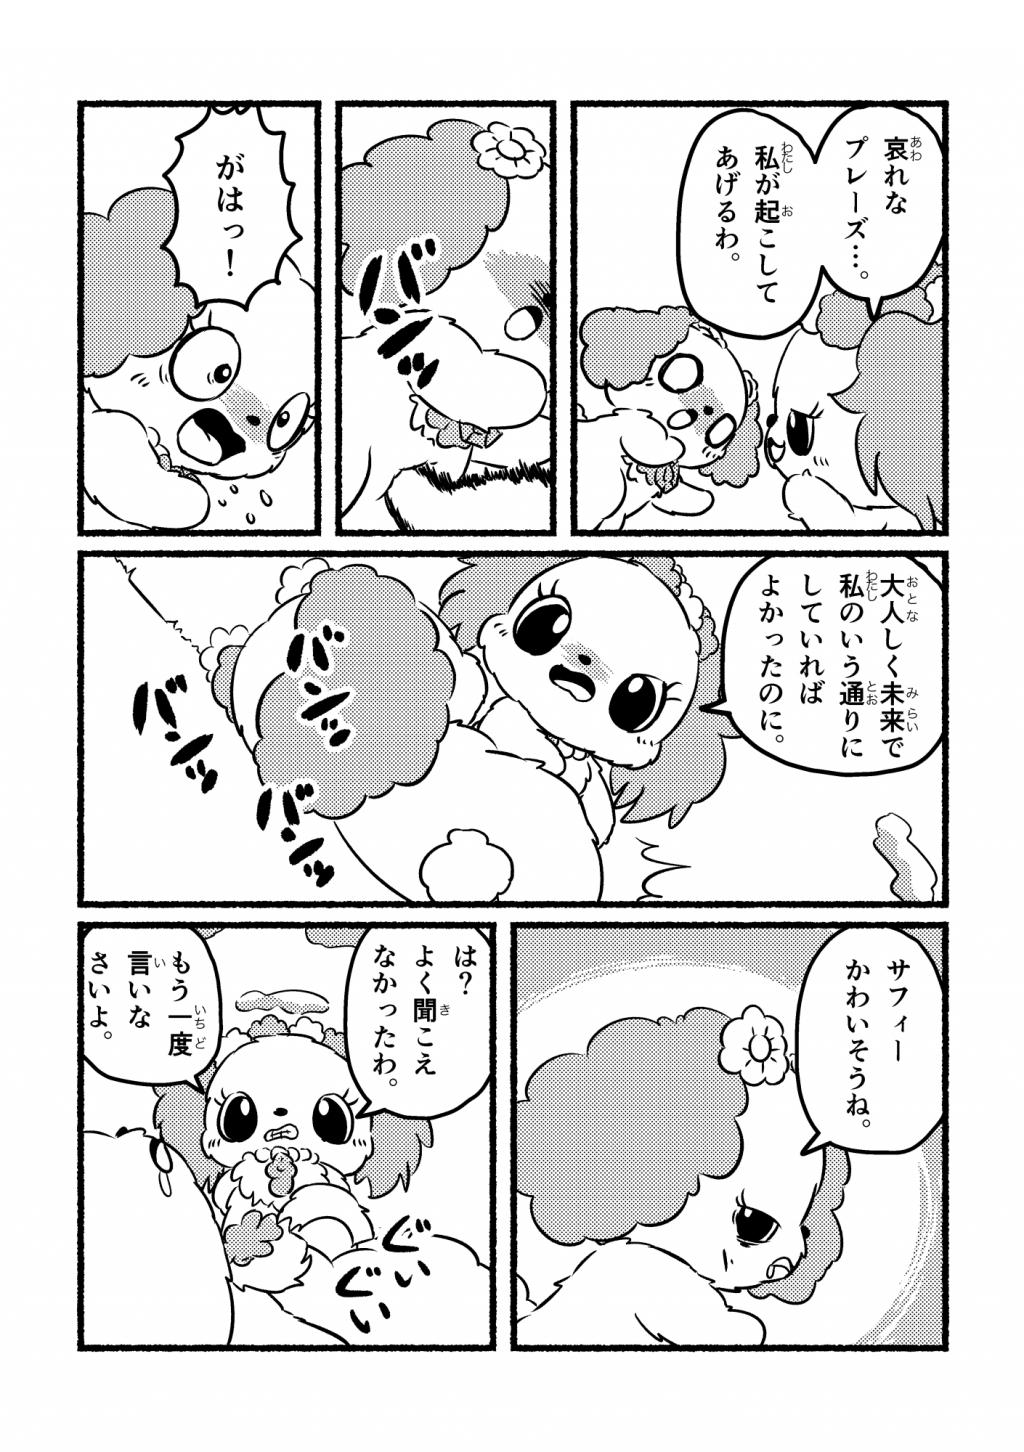 プレーズ さいごのたたかい (9ページ)